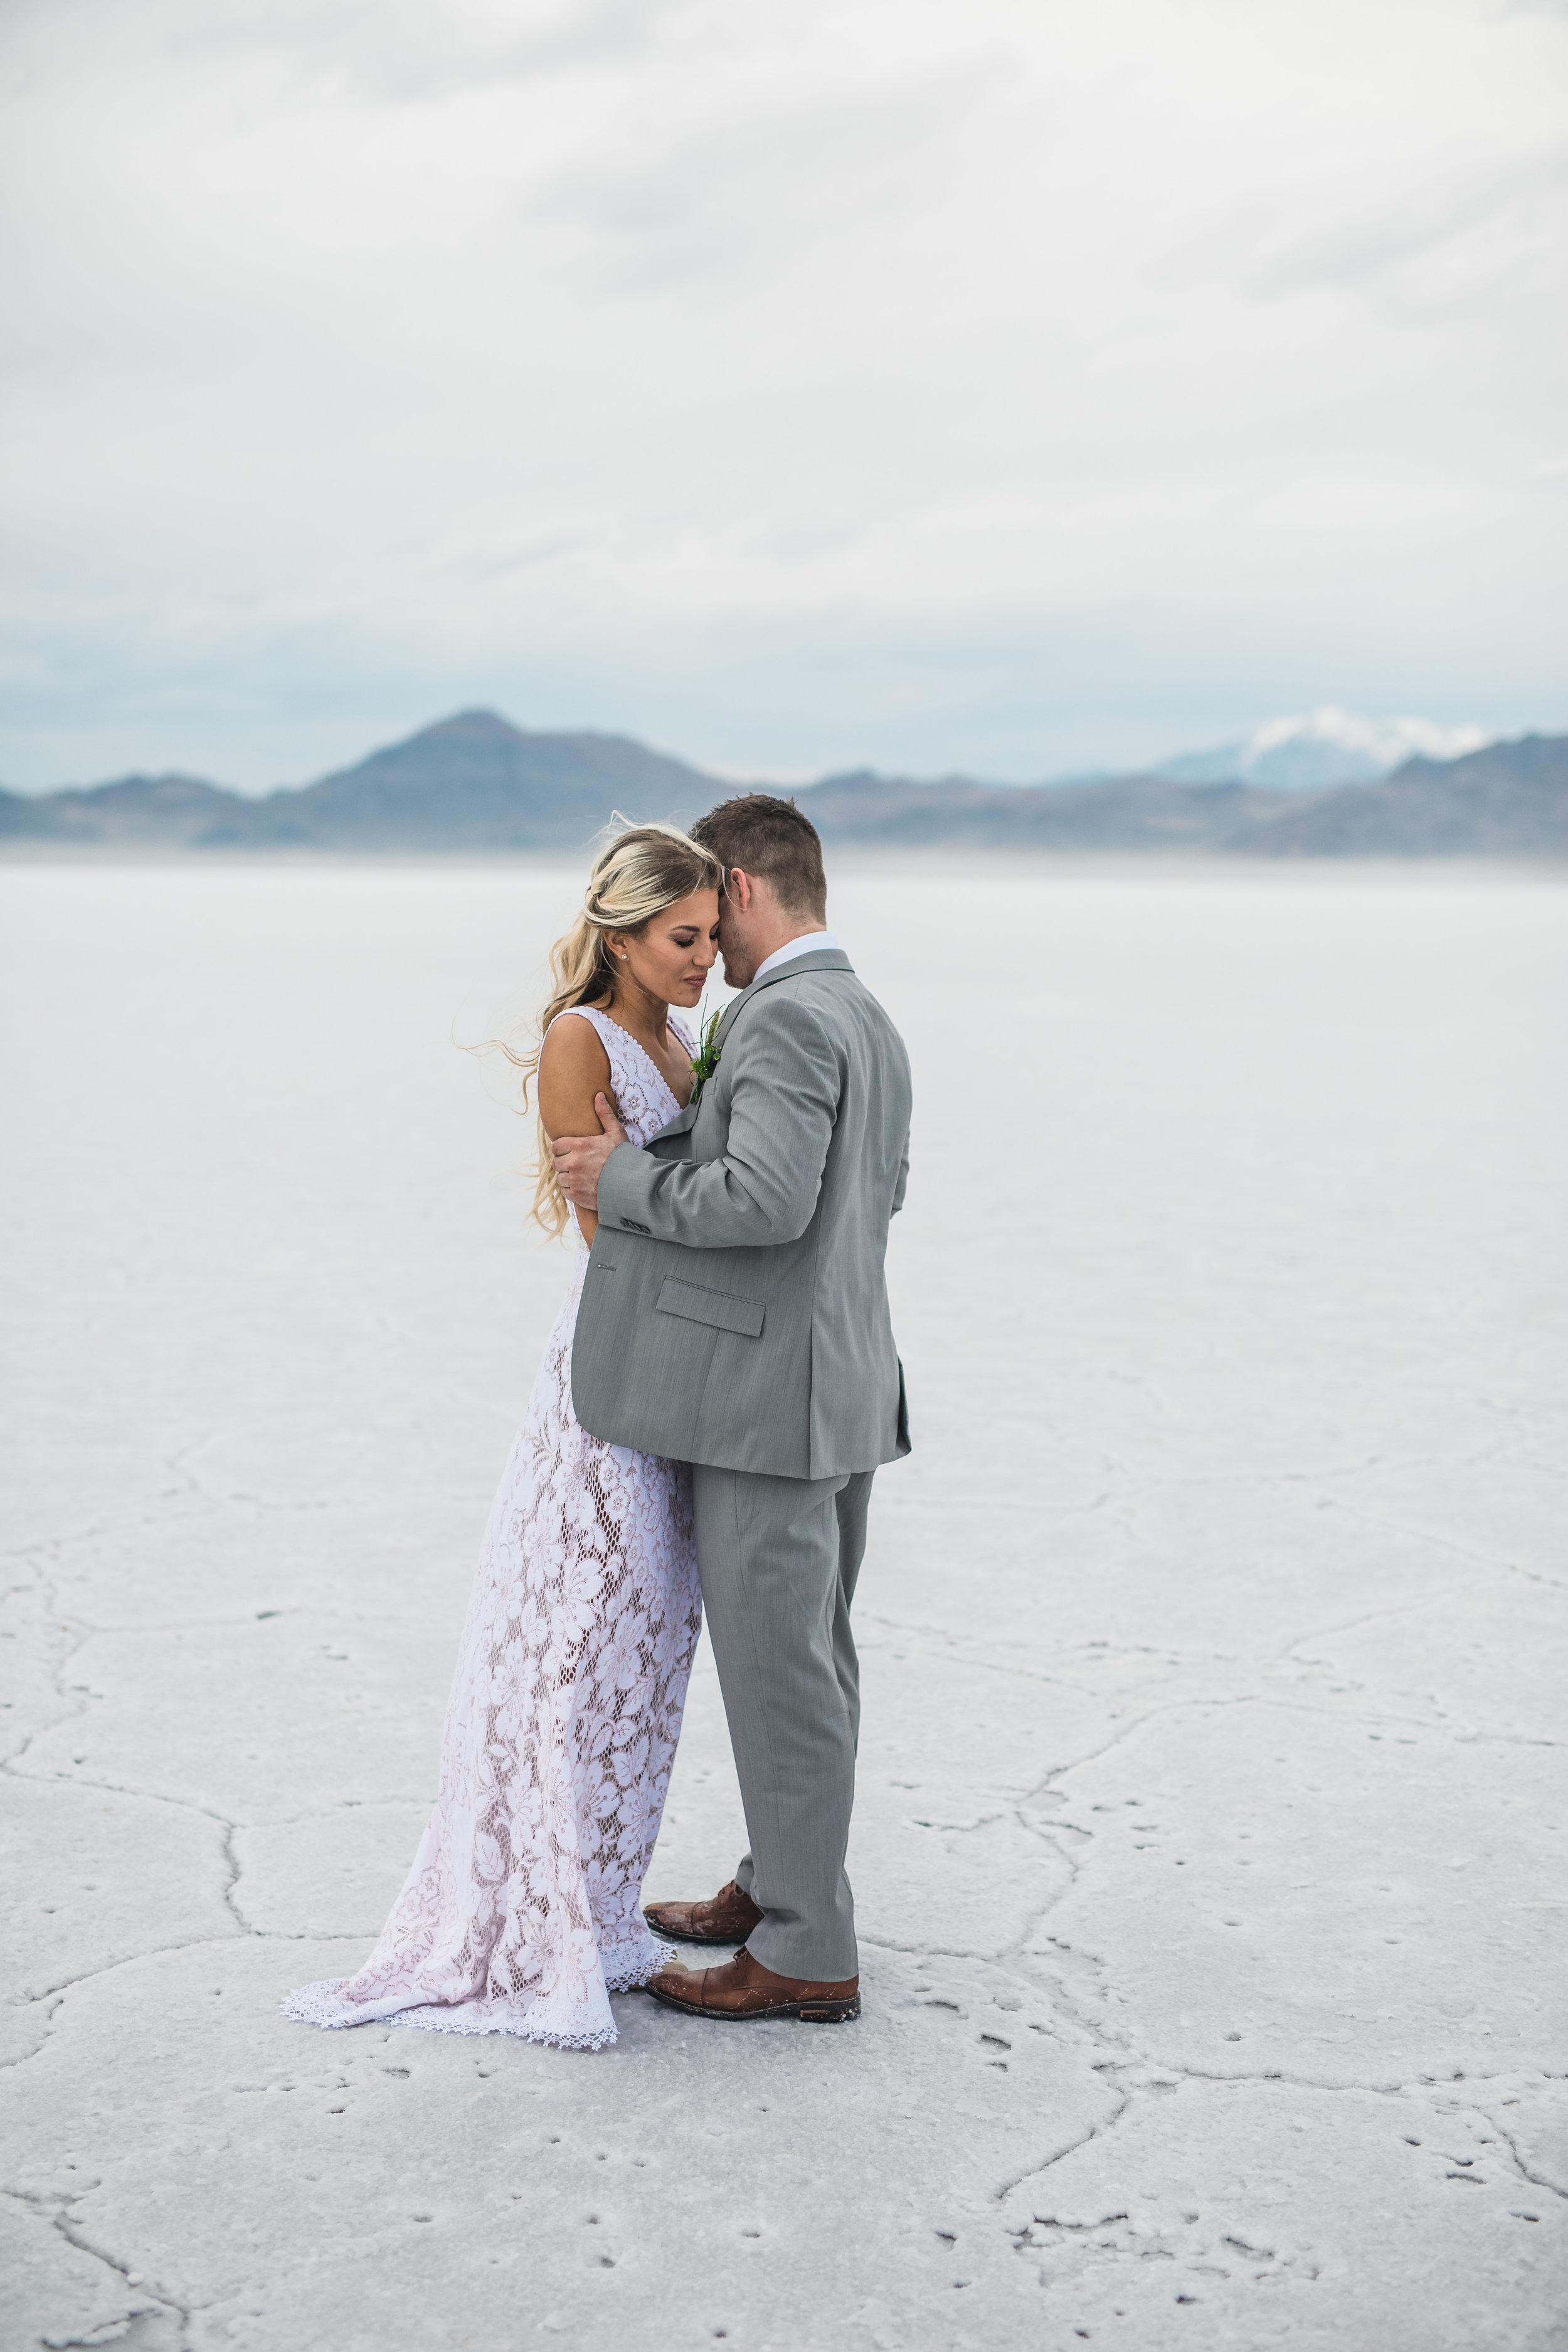 Saldana vintage wedding dress adventure wedding photography Bonneville Salt Flats